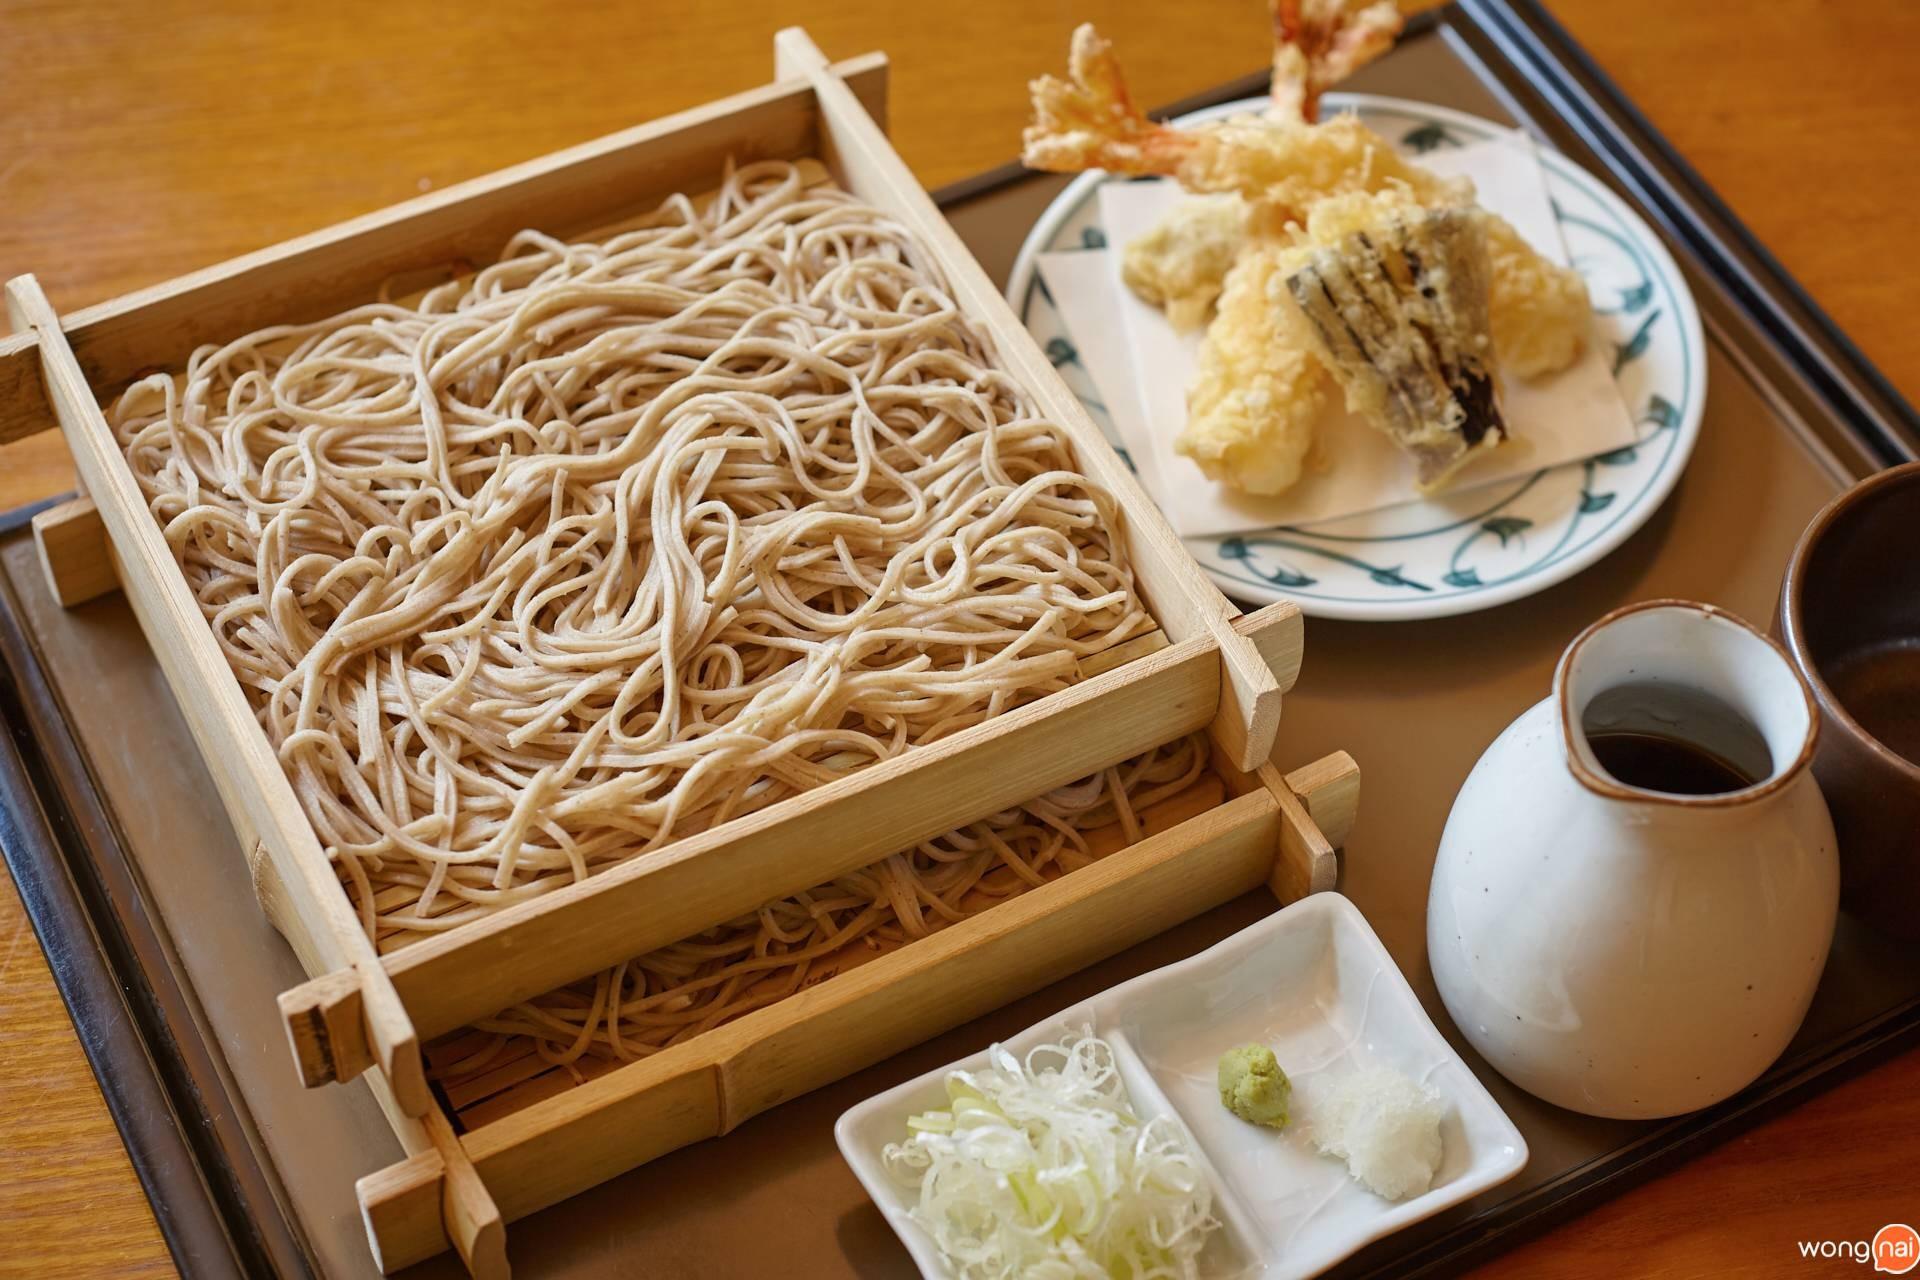 ภัตตาคารญี่ปุ่นอิชชิน